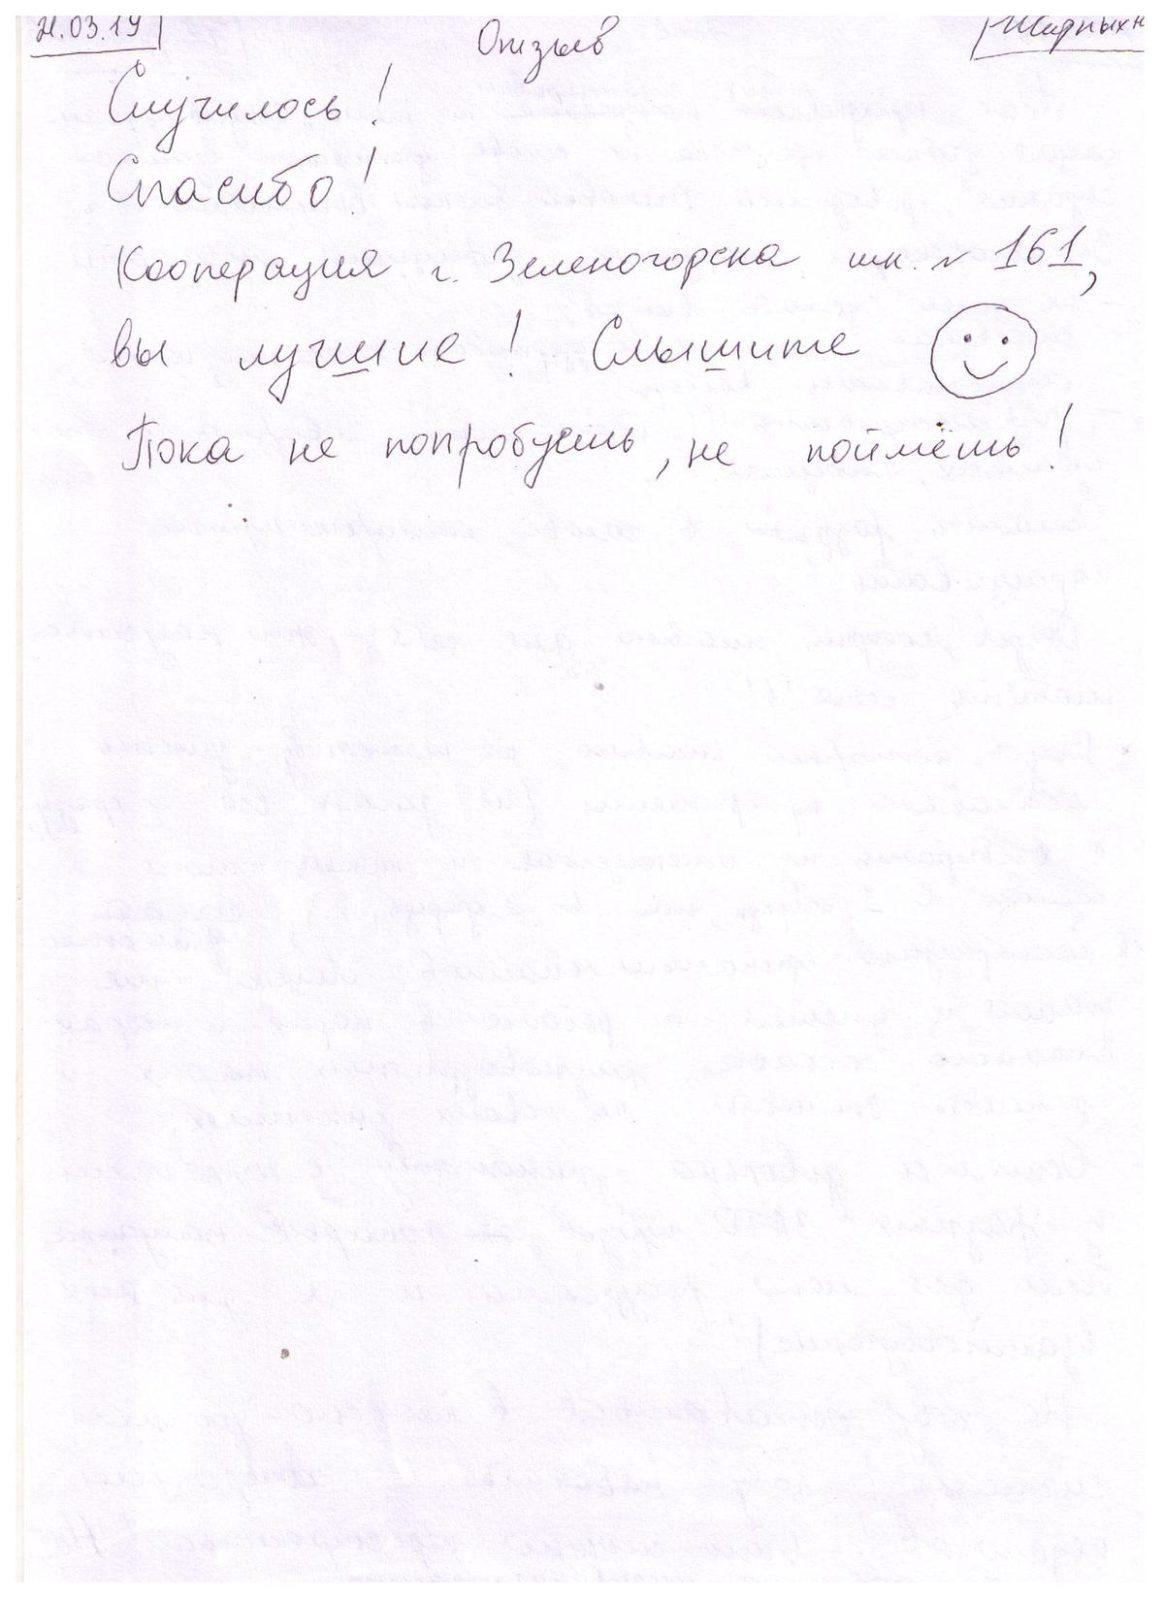 Zhirnyh-Julija-otzyv